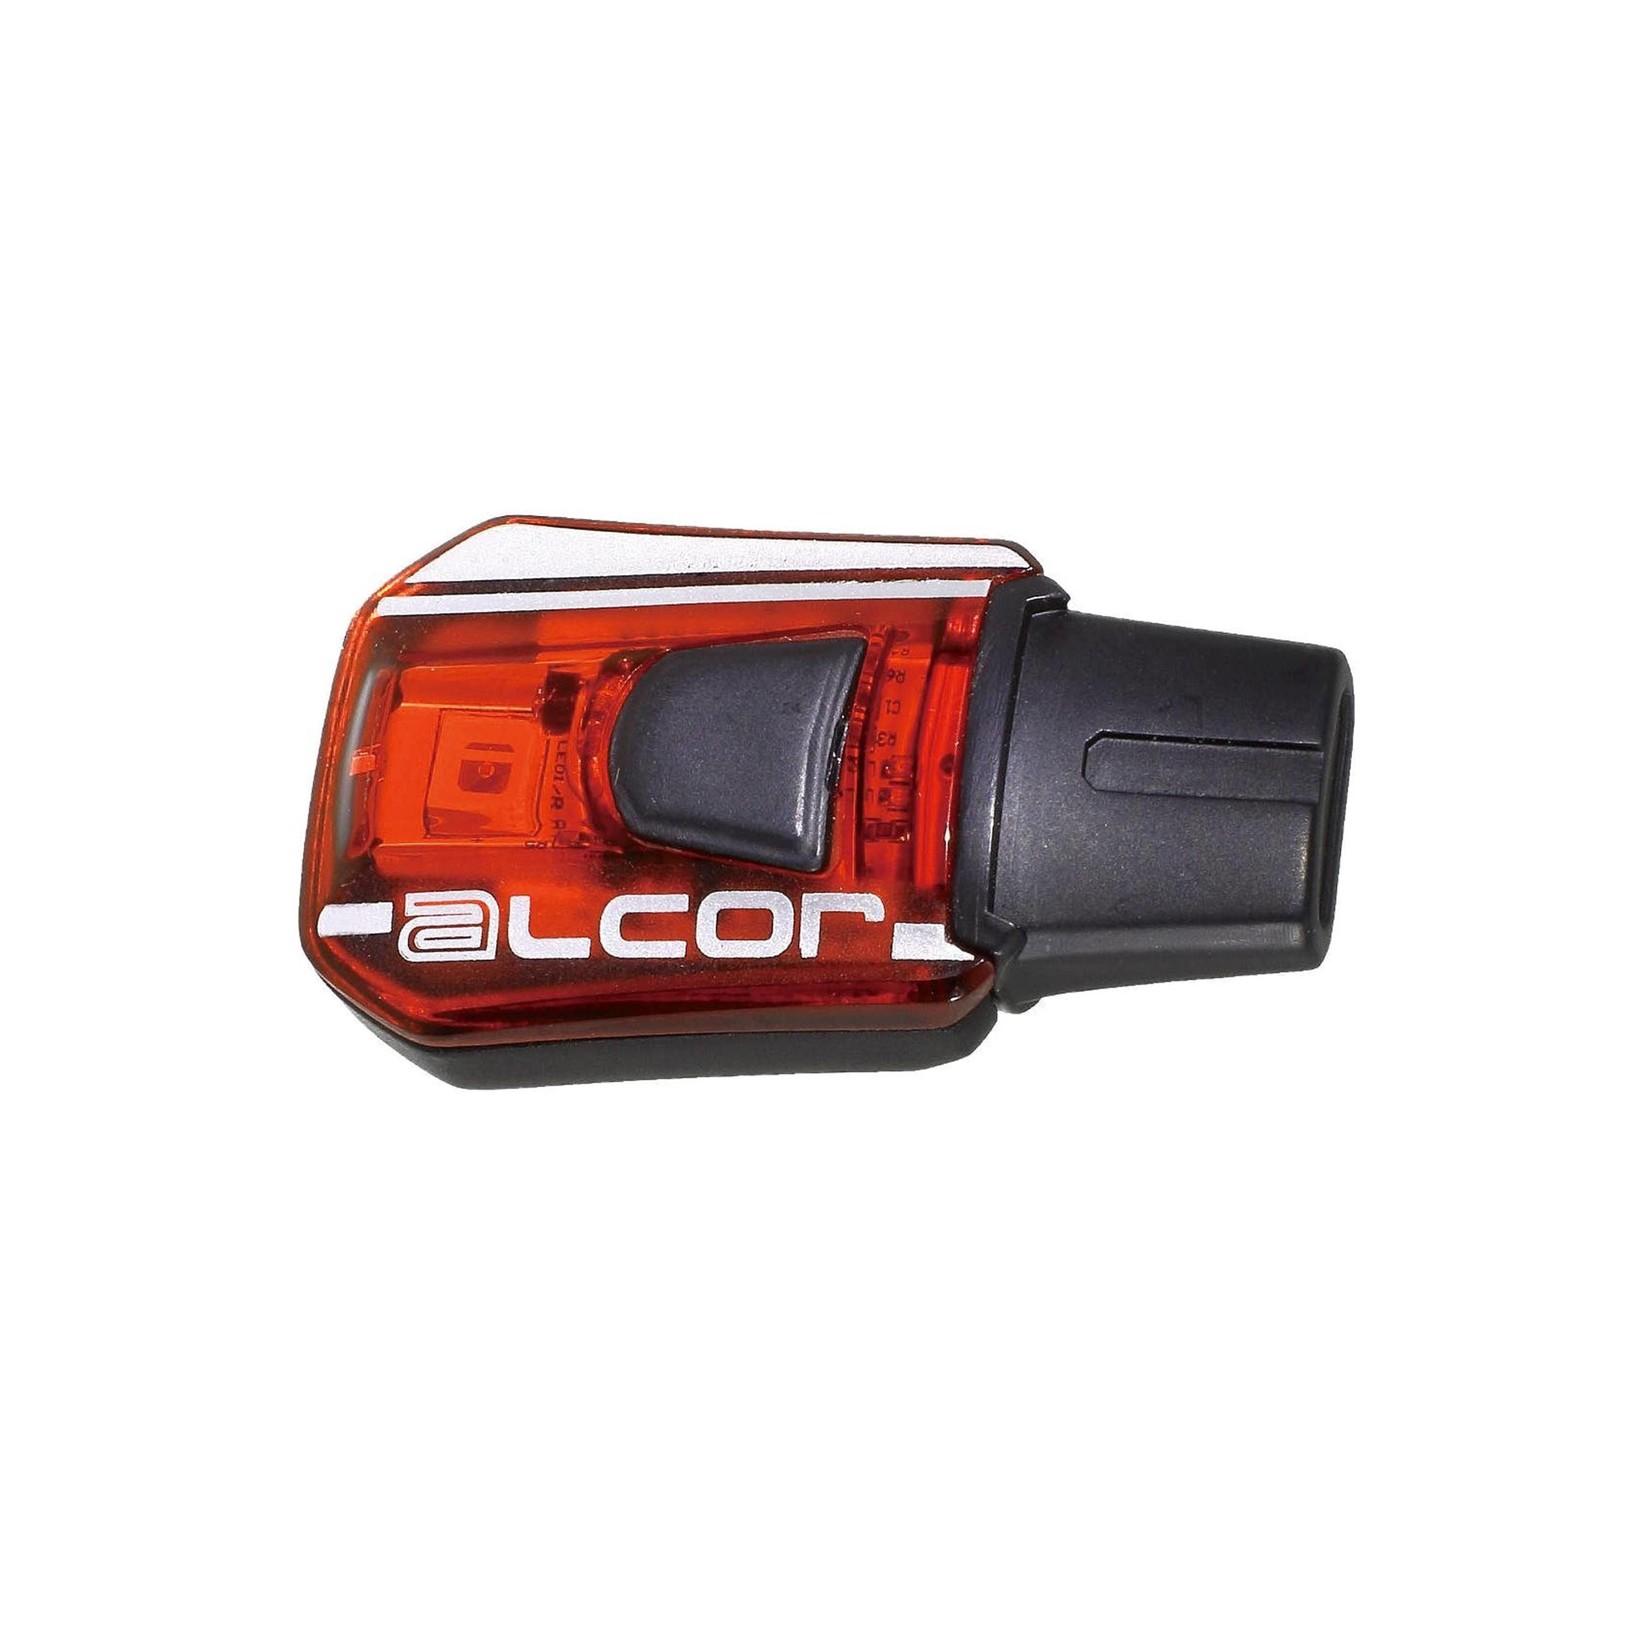 Moon Alcor 15Lm Rear Light